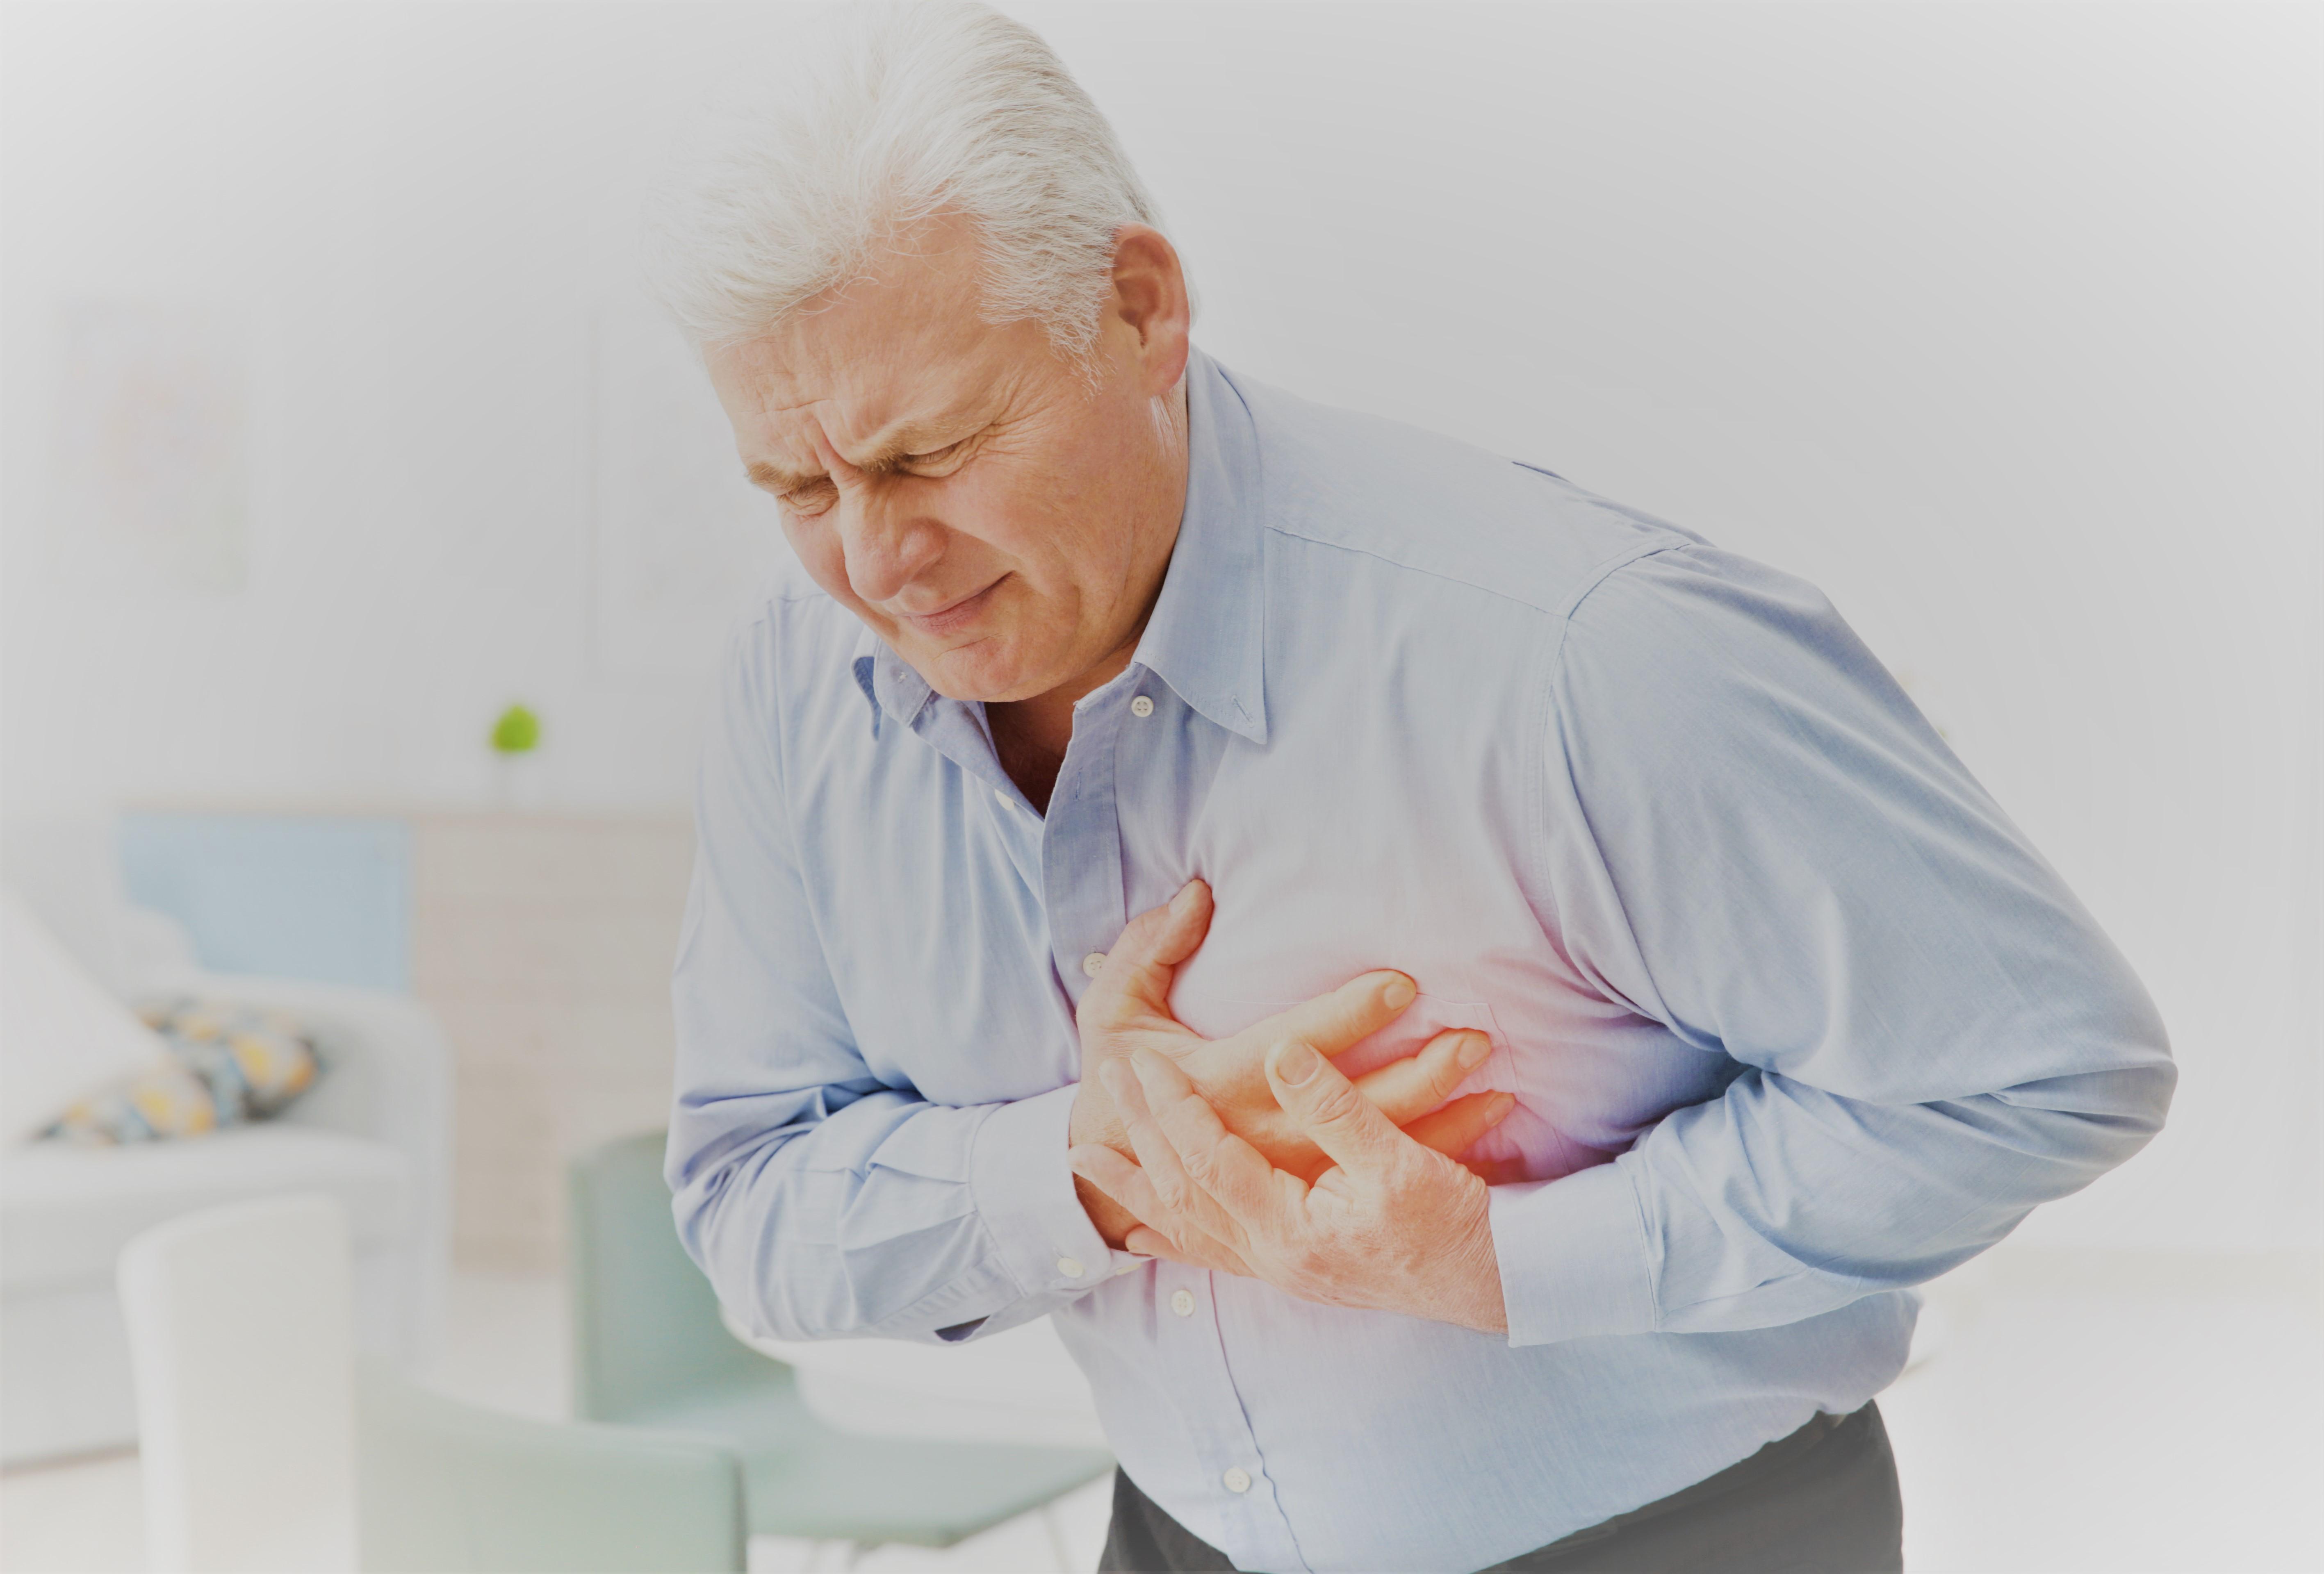 égő érzés magas vérnyomás esetén